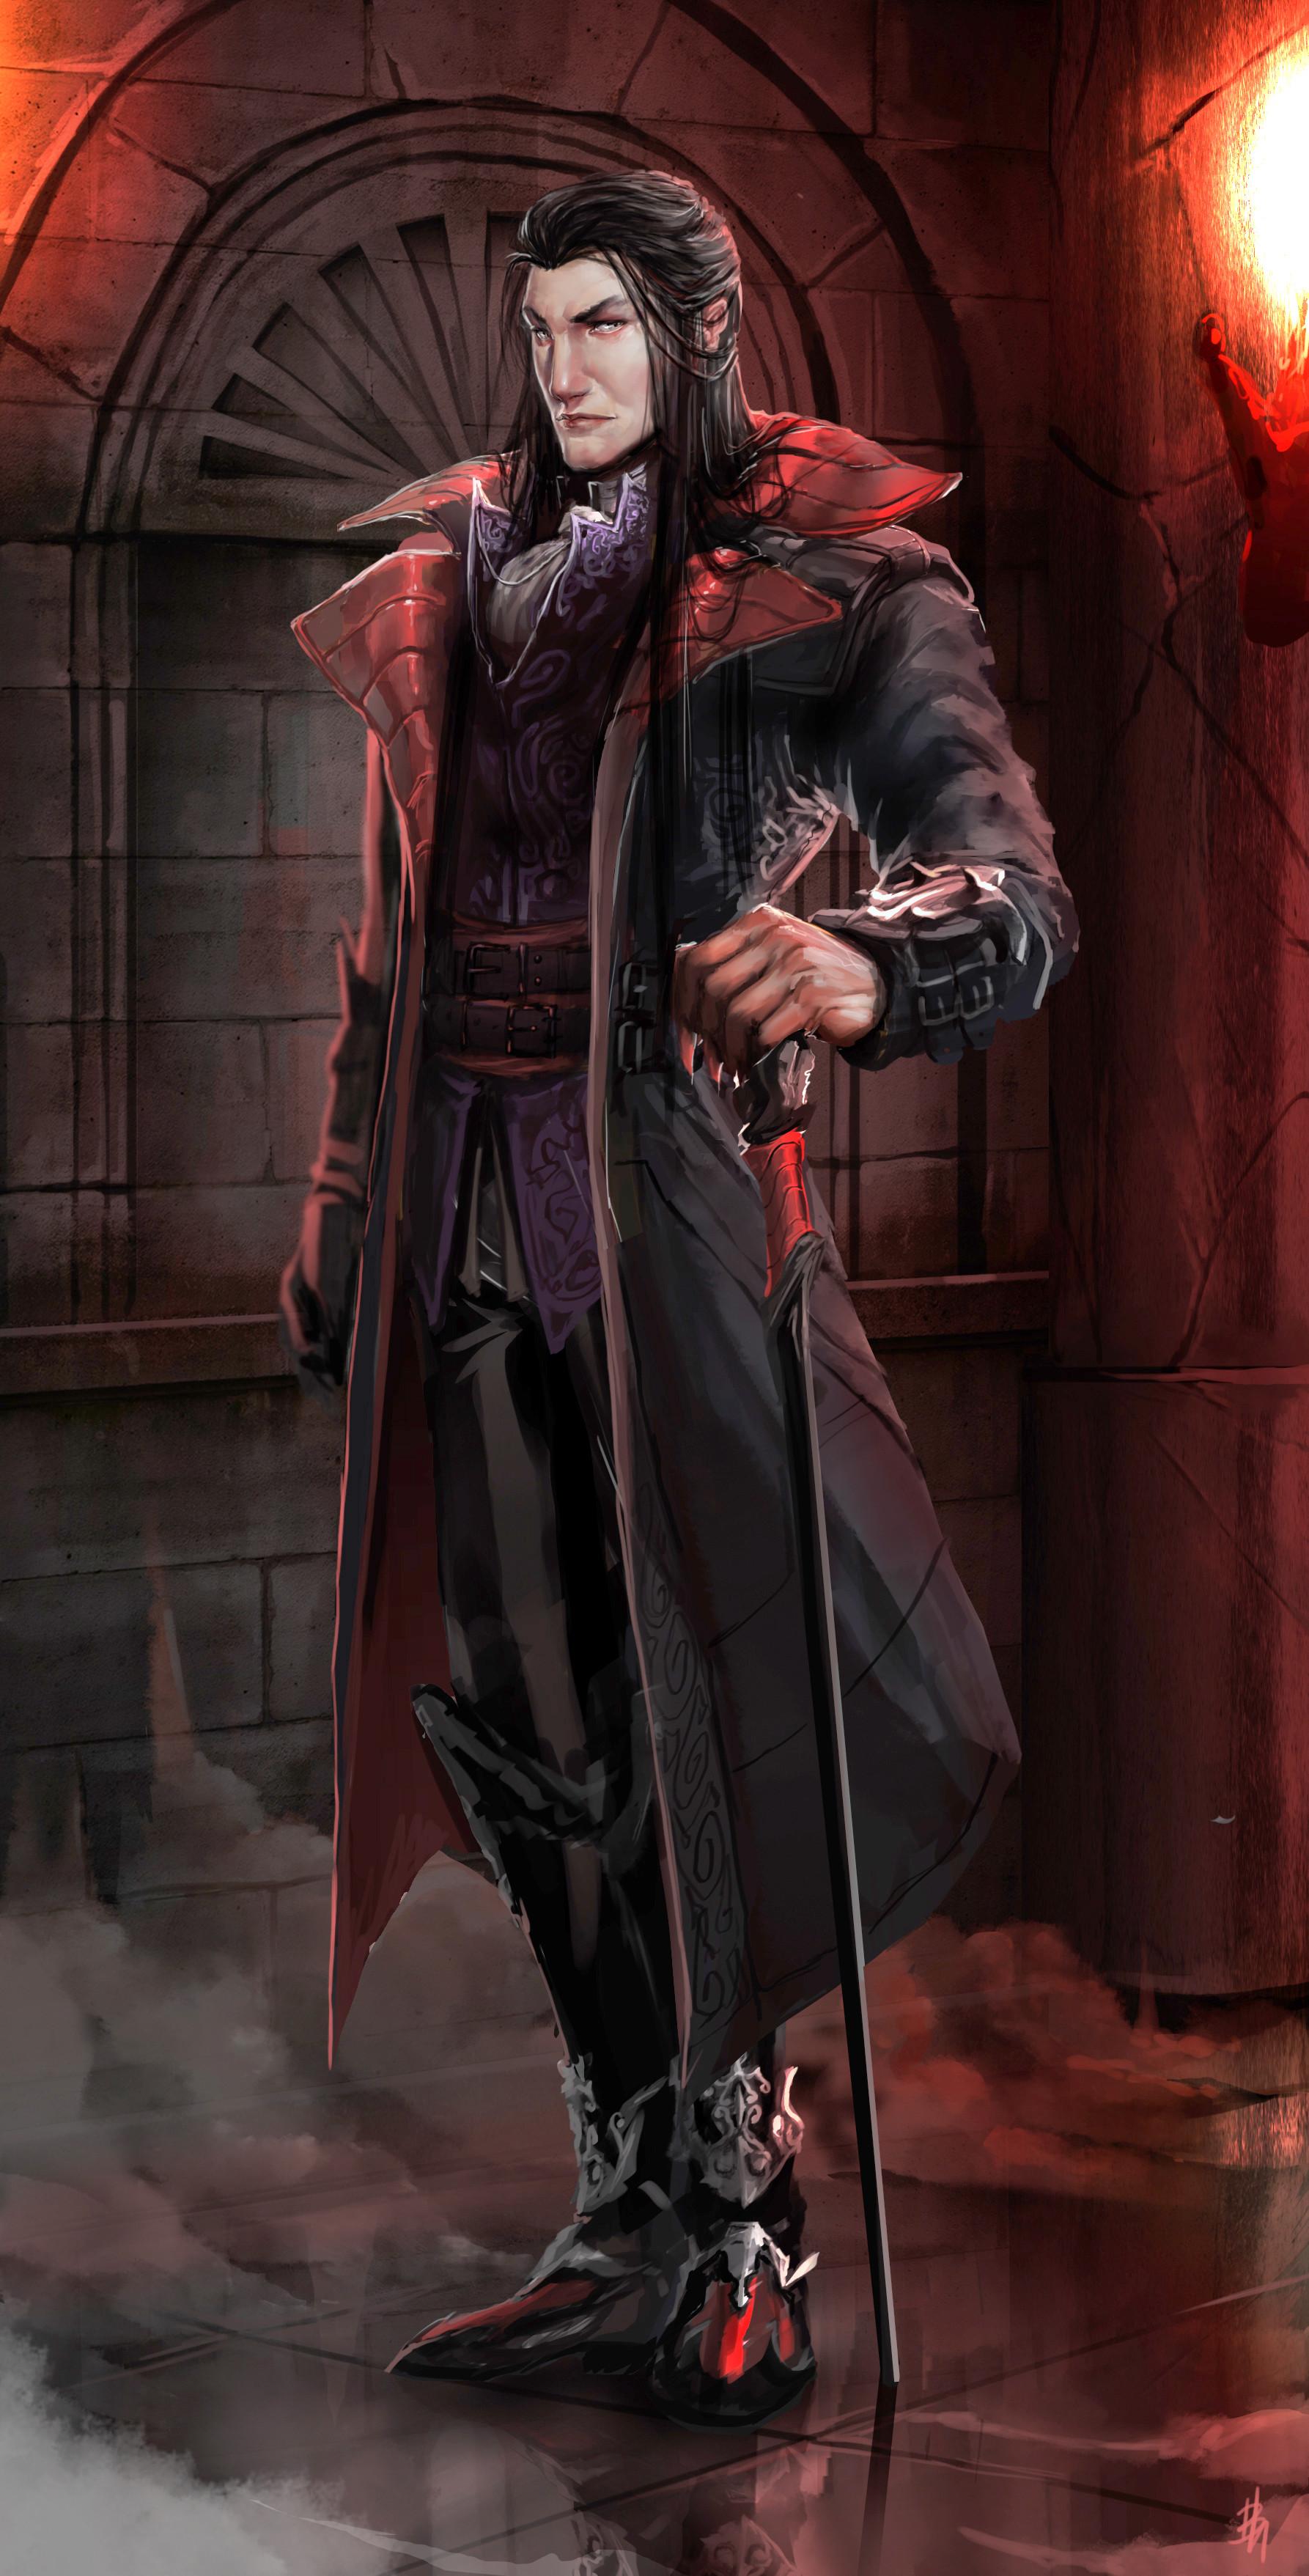 dracula character description